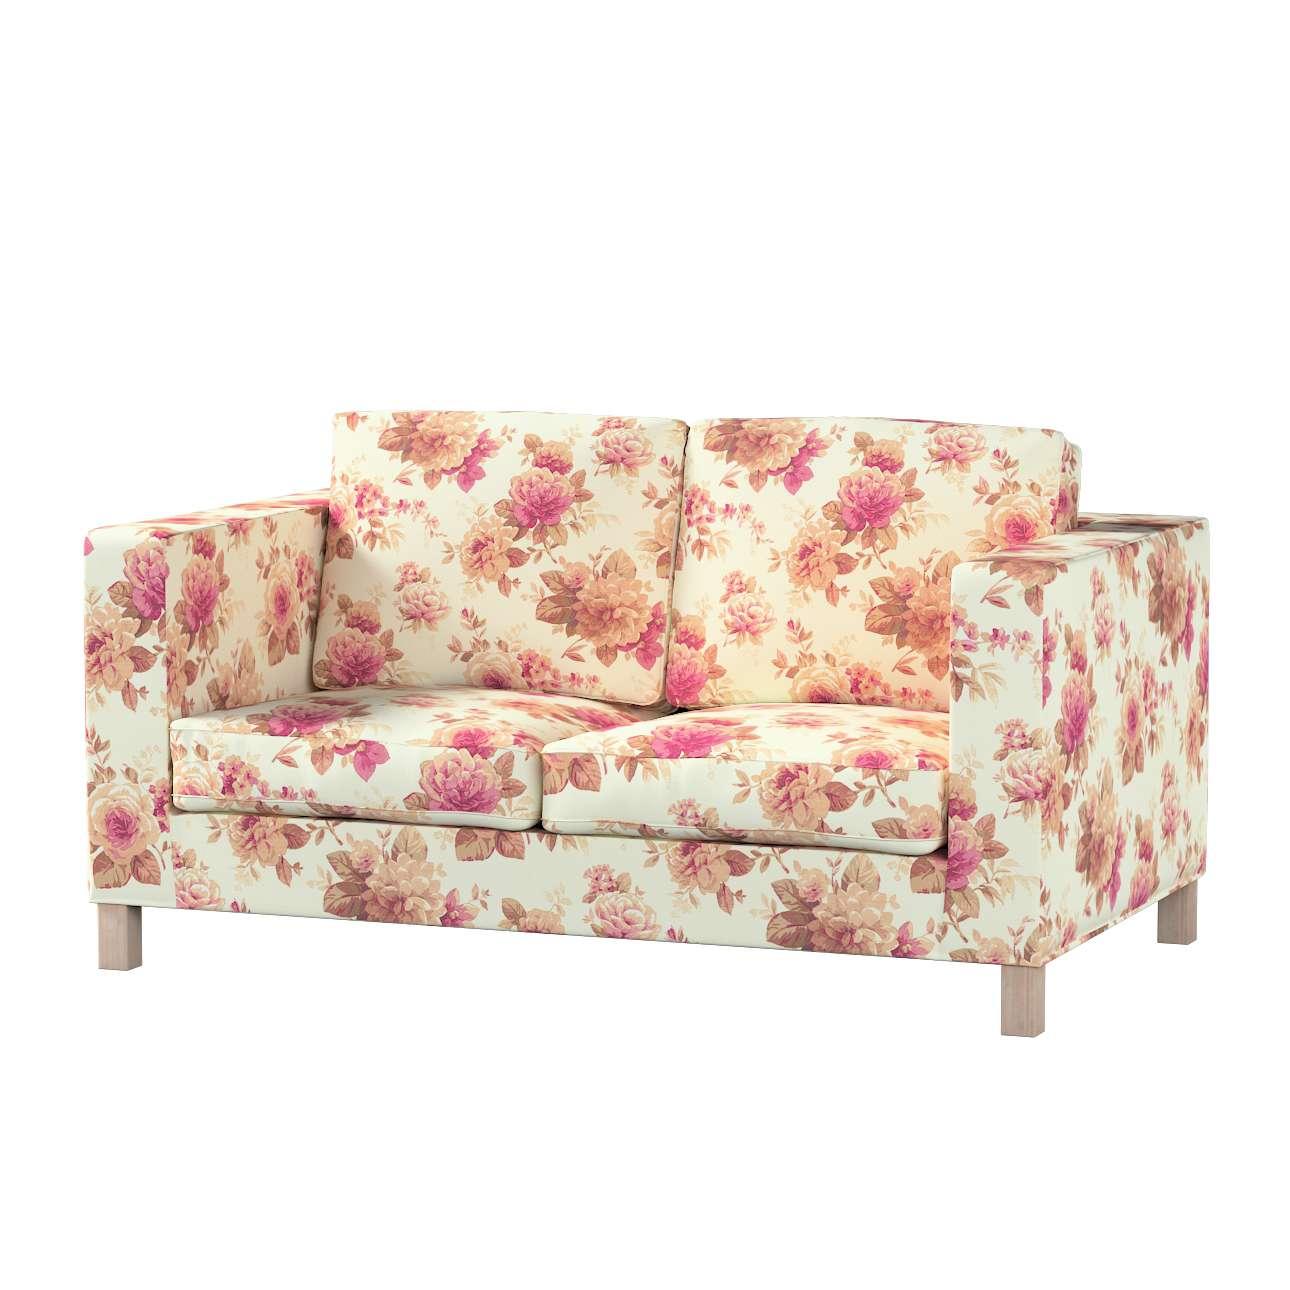 Bezug für Karlanda 2-Sitzer Sofa nicht ausklappbar, kurz von der Kollektion Londres, Stoff: 141-06